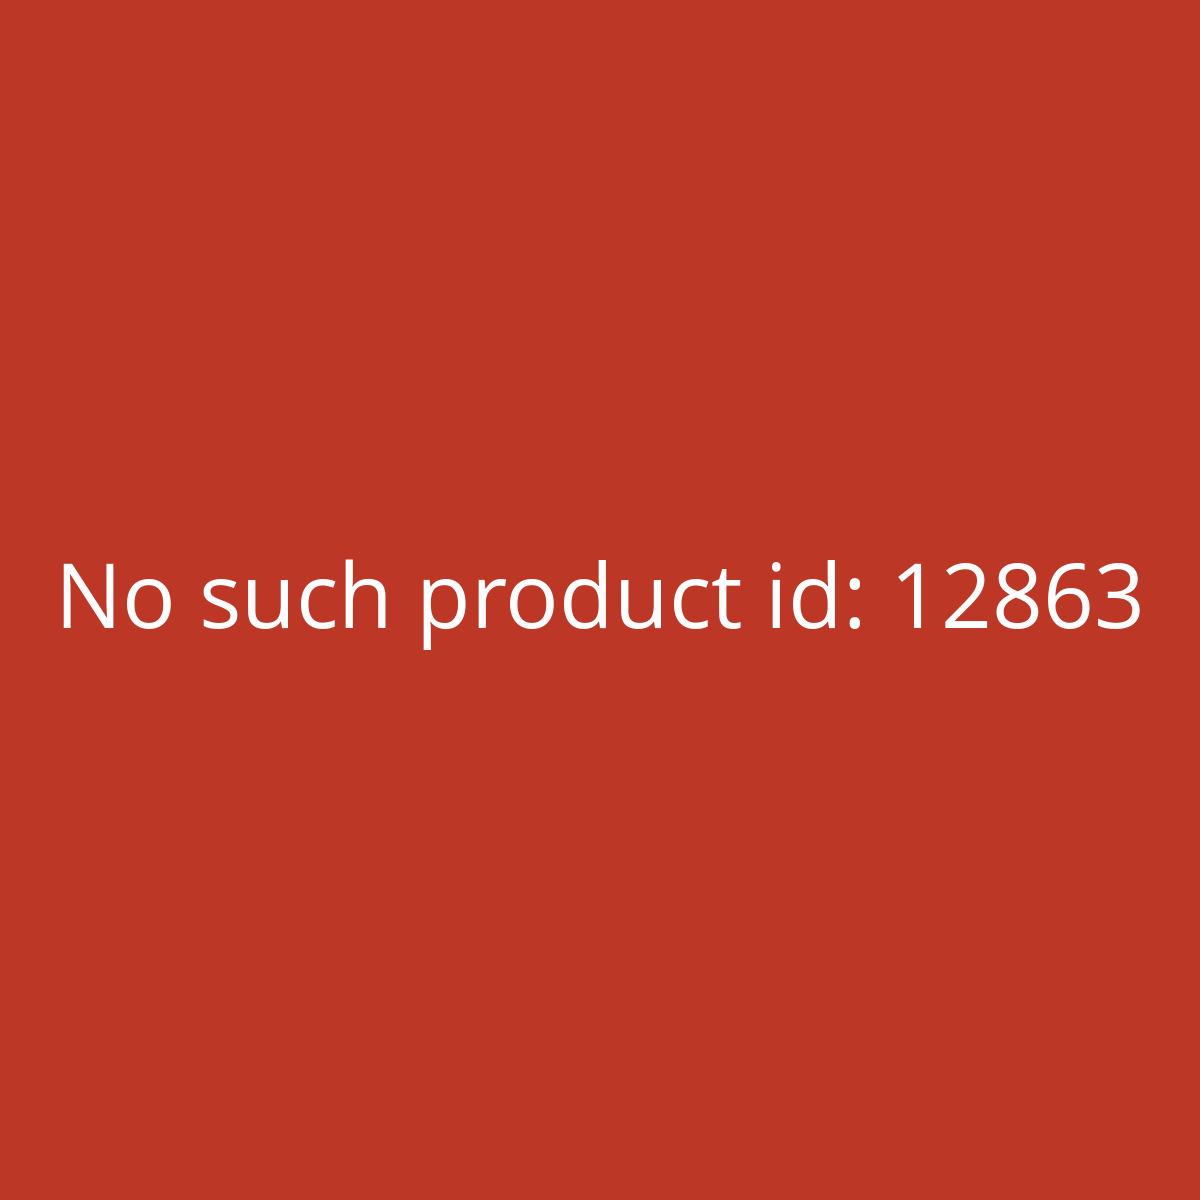 Kugelfiguren cool man fritz freddy ahoi von karsten braune f r 22 kaufen - Weihnachtsdeko figuren ...